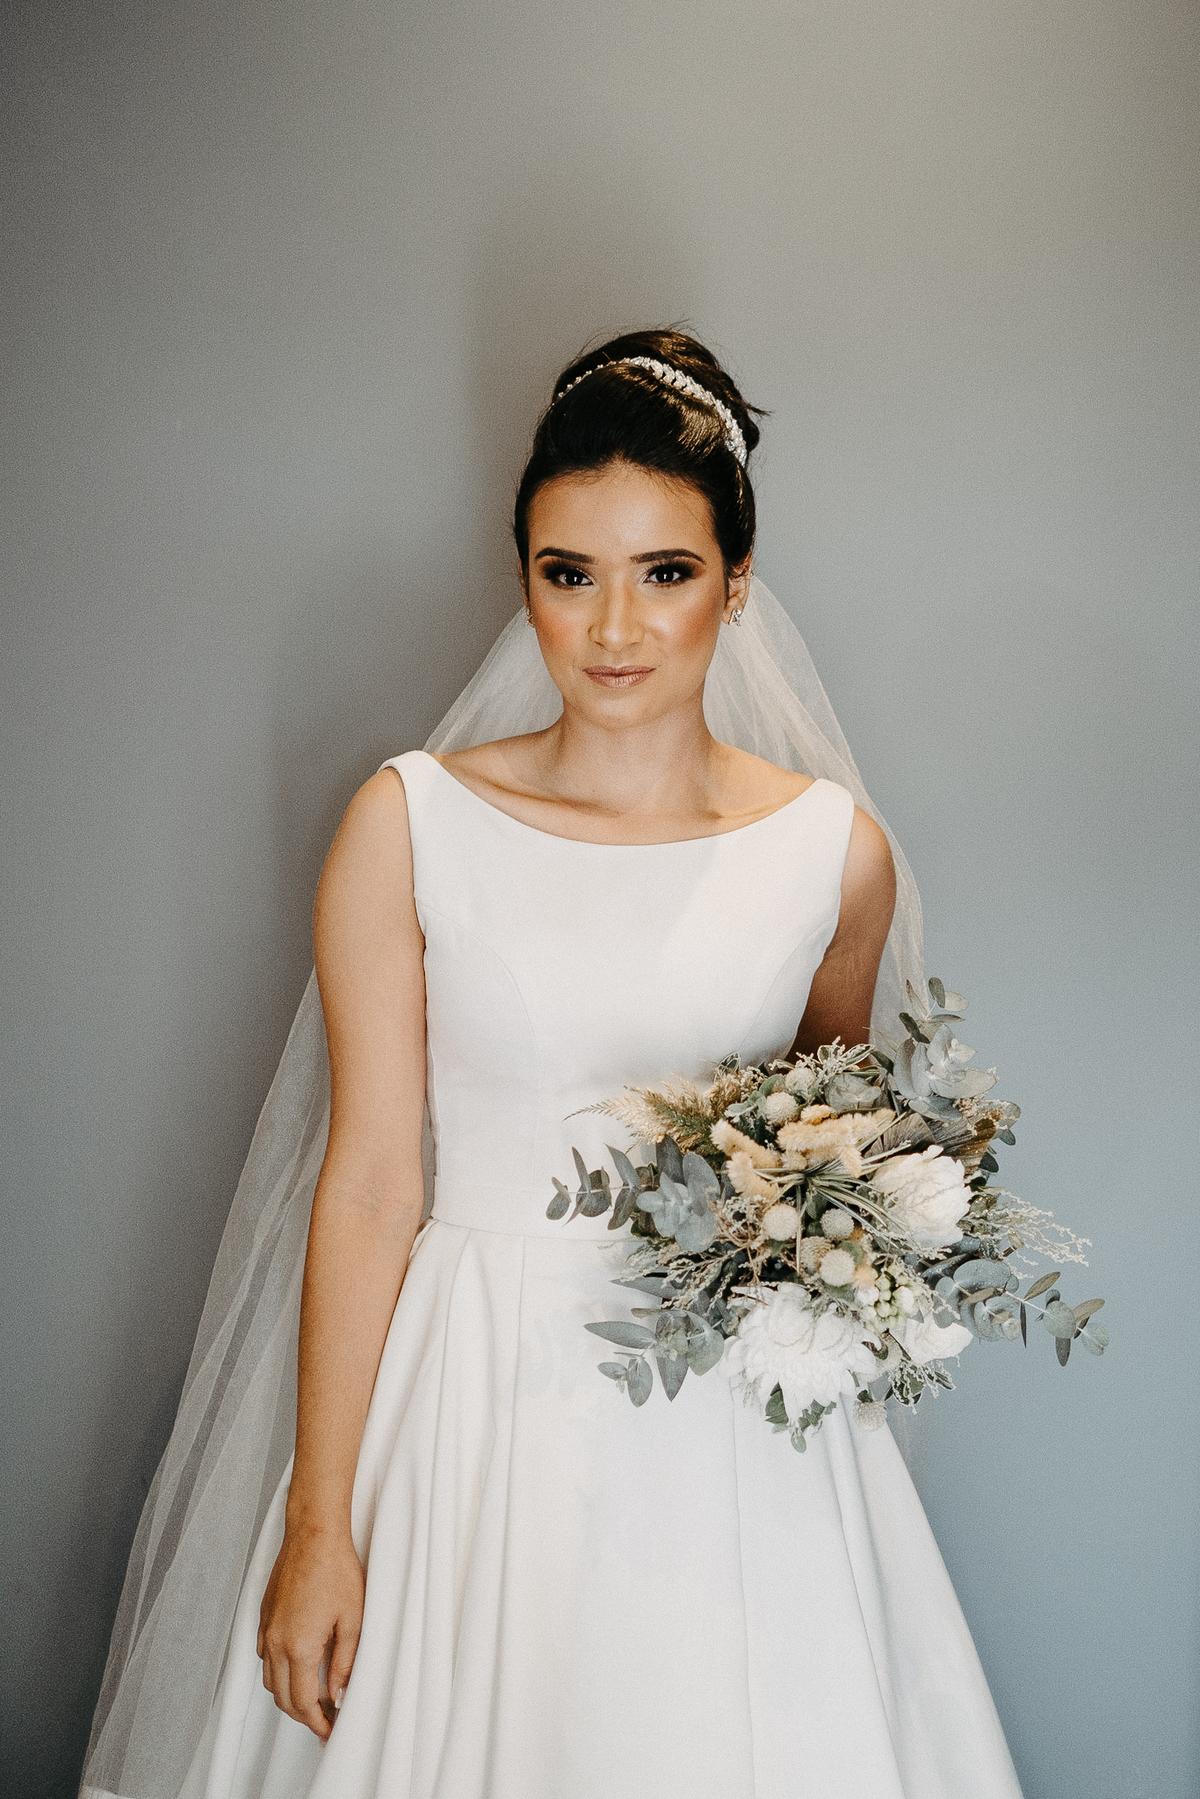 buque de noiva fotografia de casamento cerimonia intimista inspiraçoes de casamento fotografos de casamentos de dia